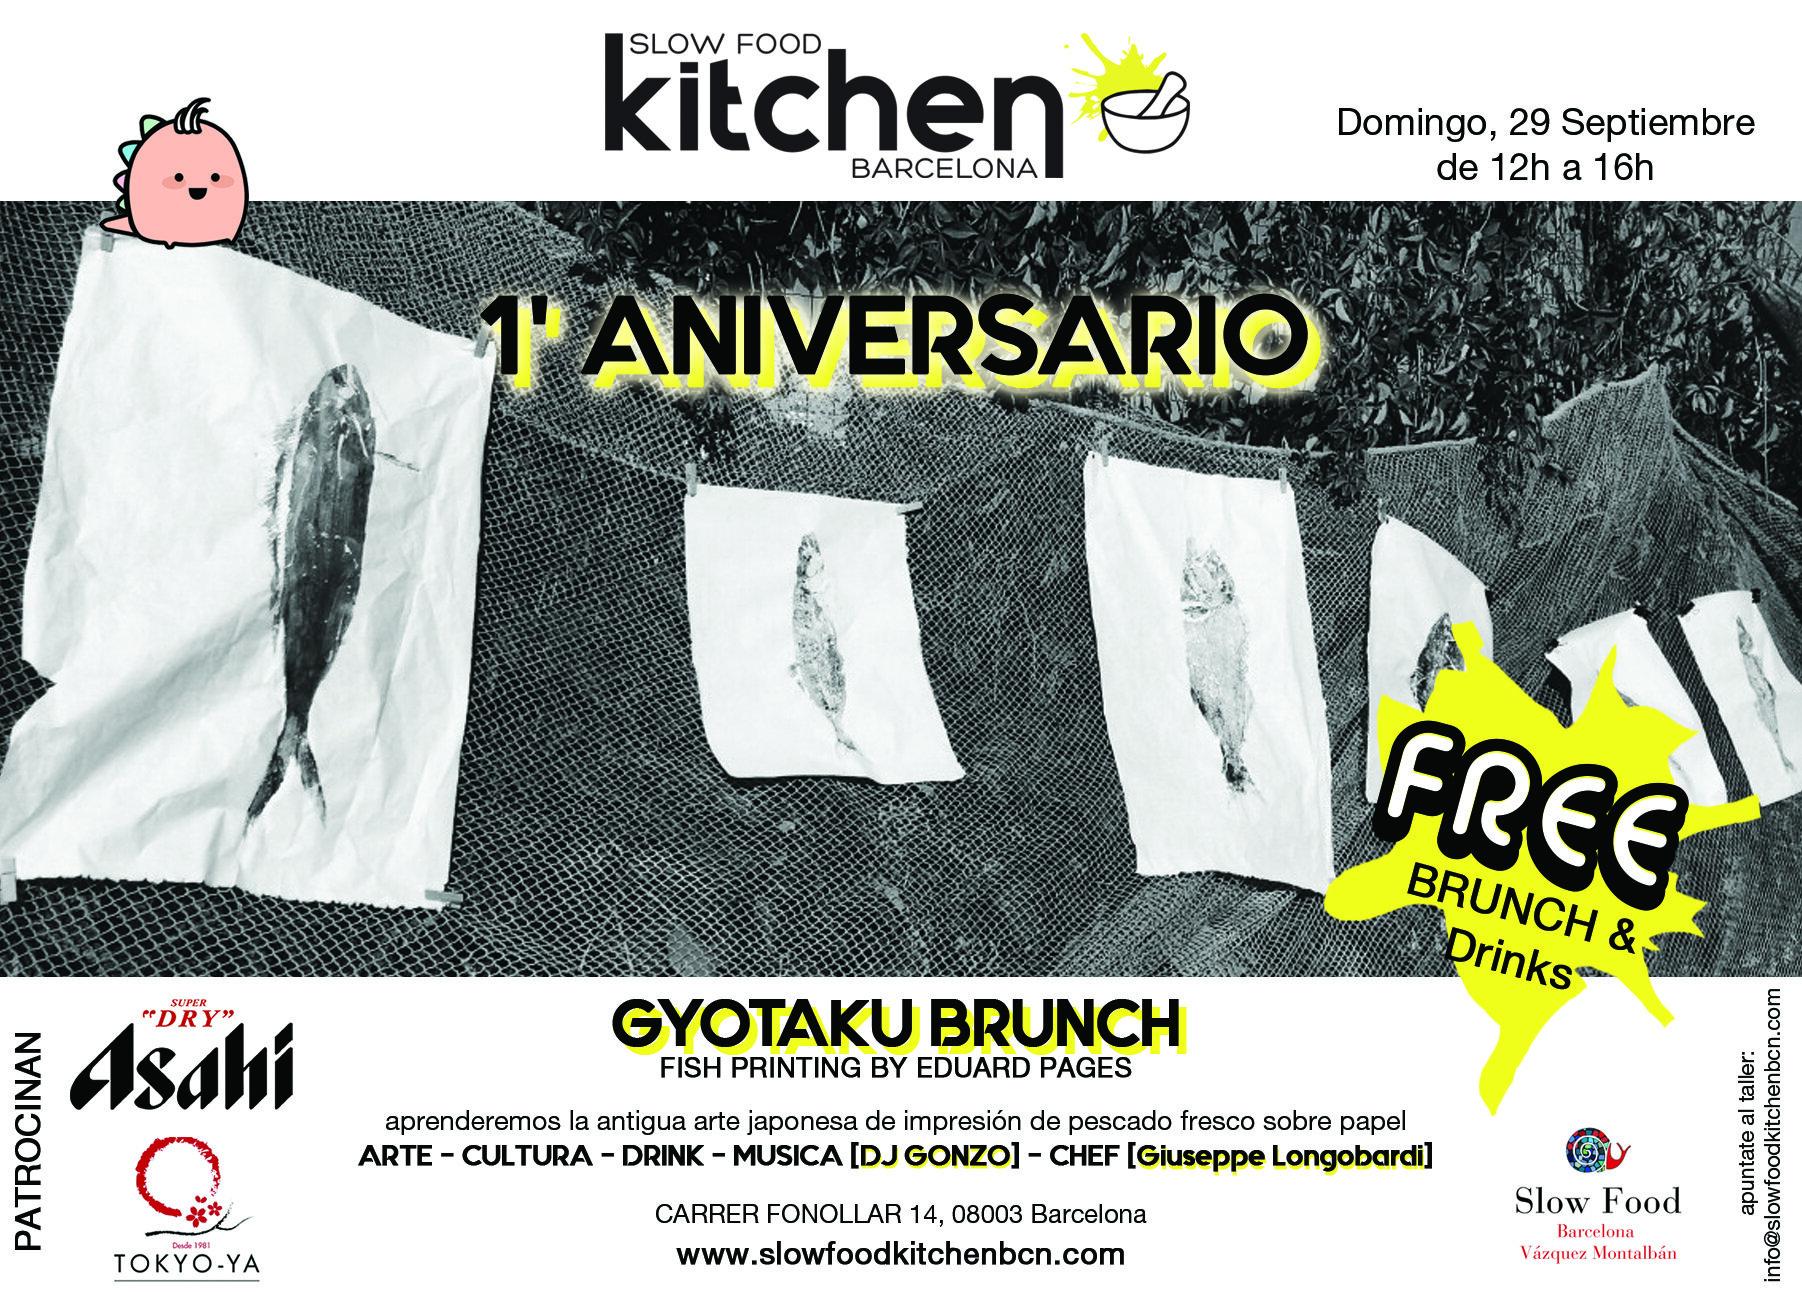 anniversario kitchen definitiva gonzo ebeppe.jpg